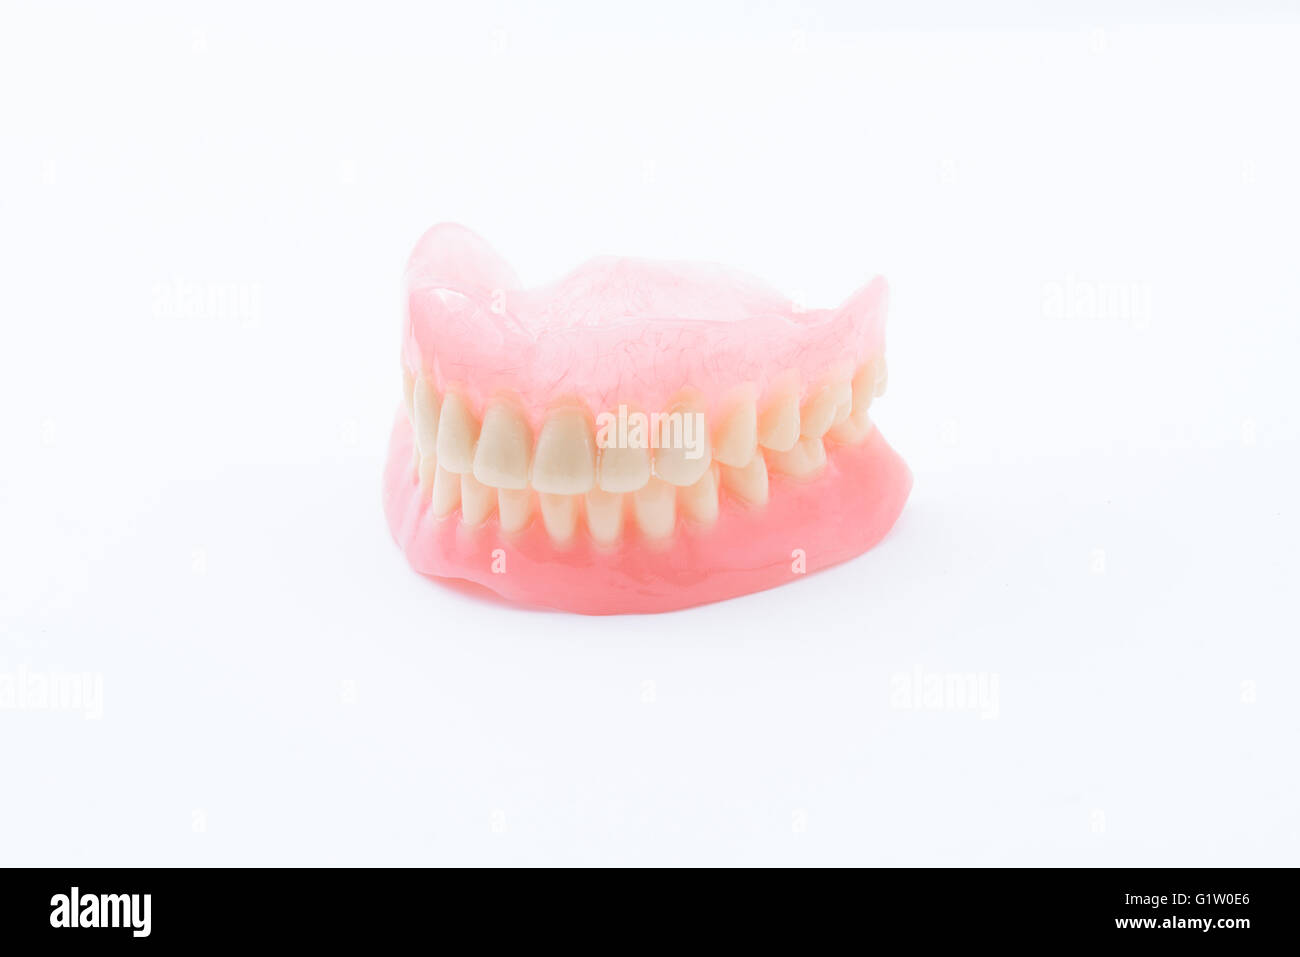 Full Denture on white background - Stock Image